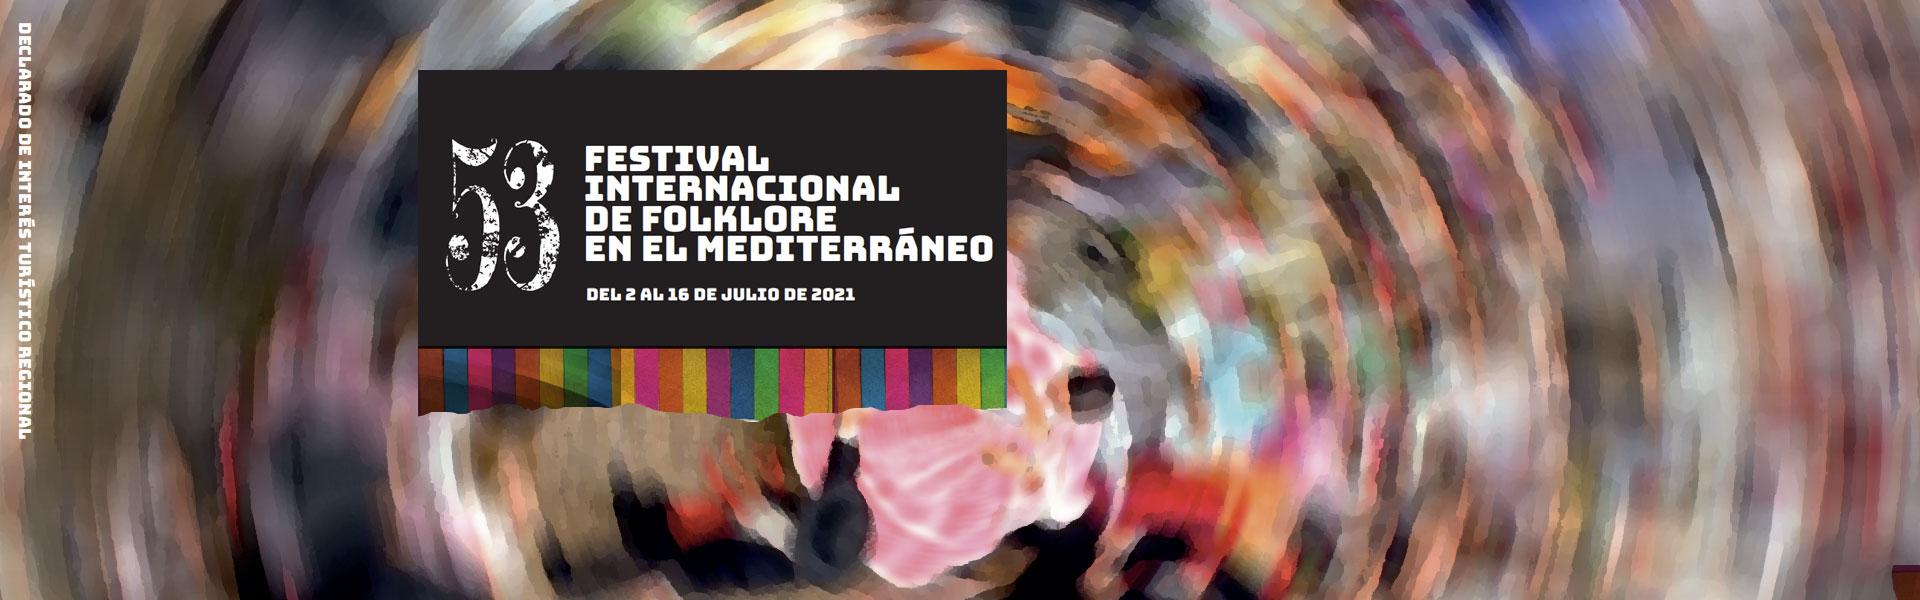 Festival Internacional de folklore en el mediterráneo